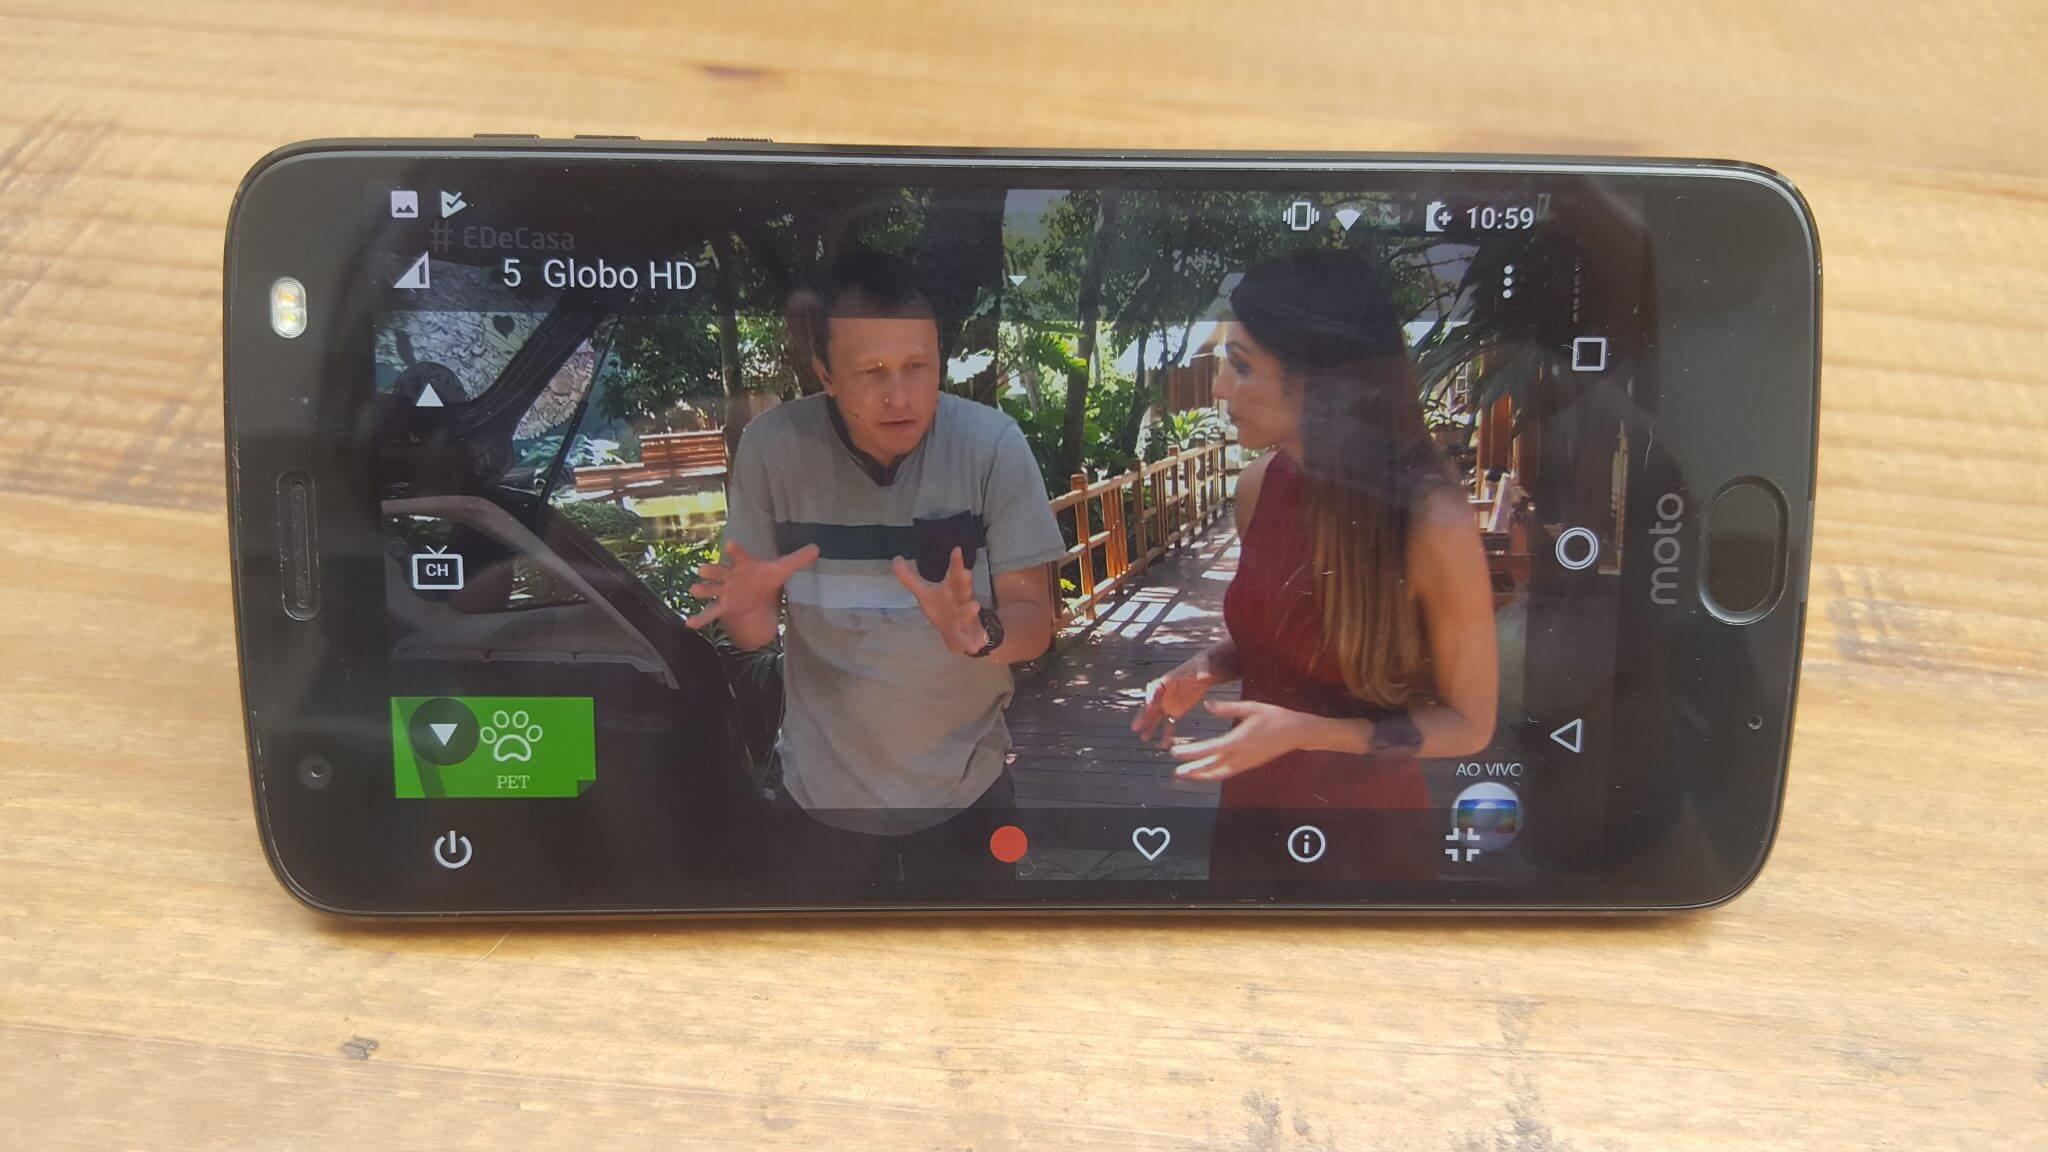 Power Pack e TV digital: conheça o mais novo Moto Snap